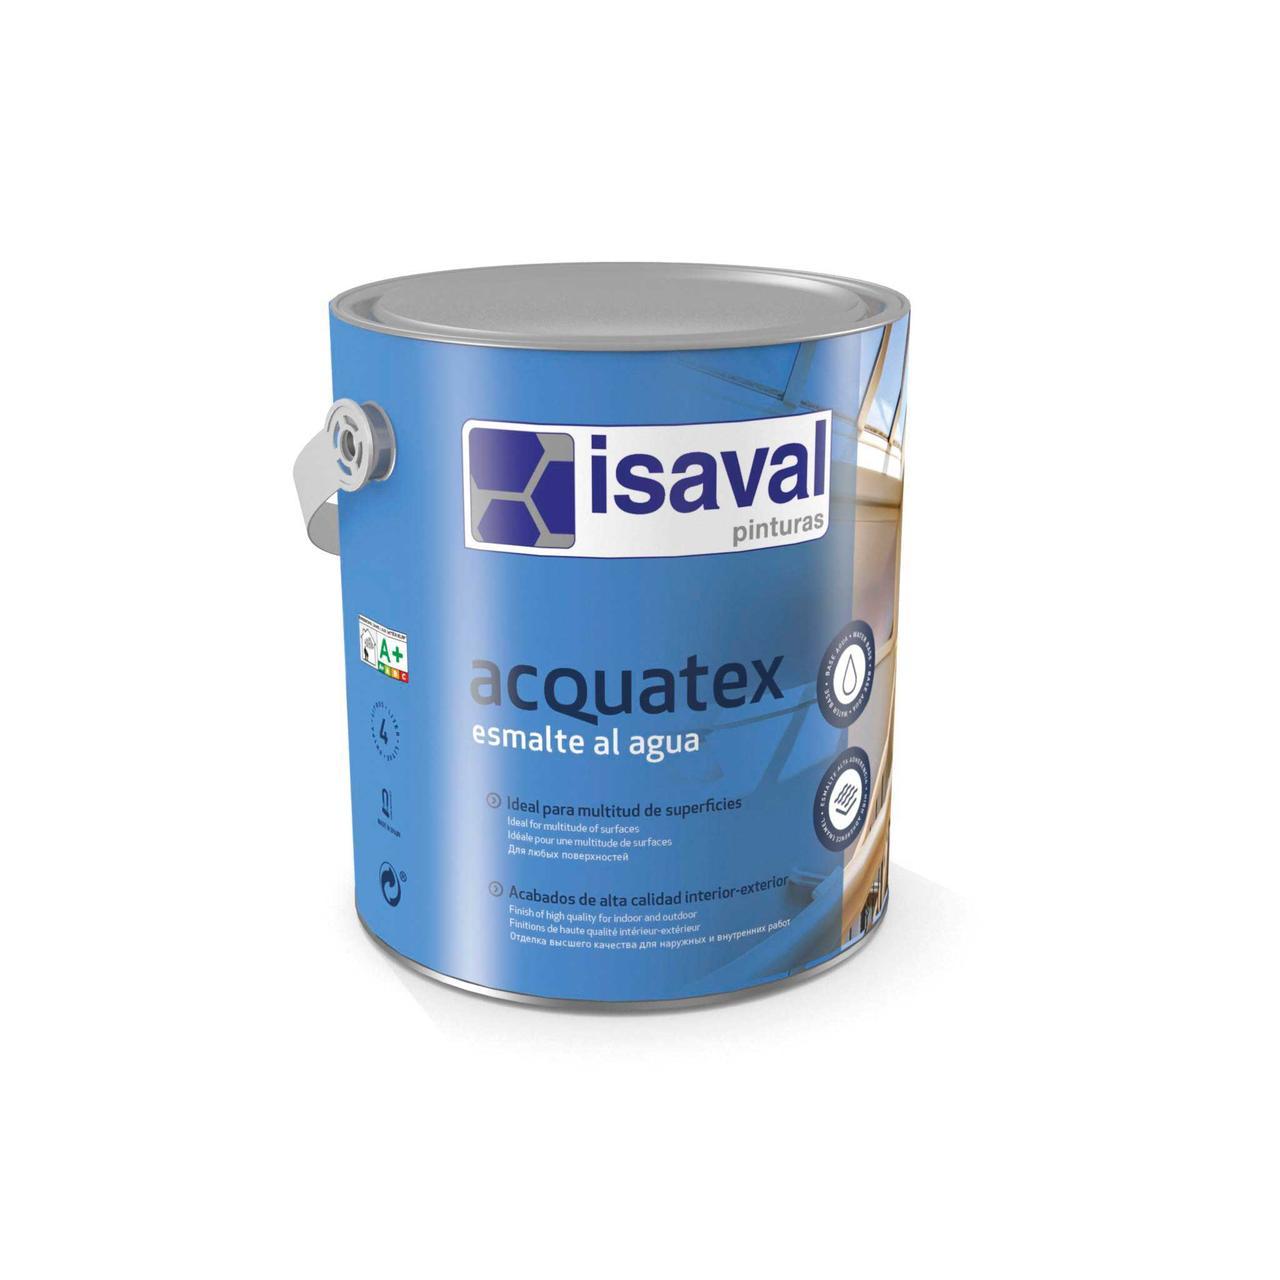 Акриловая эмаль на водной основе белая, матовая или глянцевая, Акватекс ISAVAL 4л